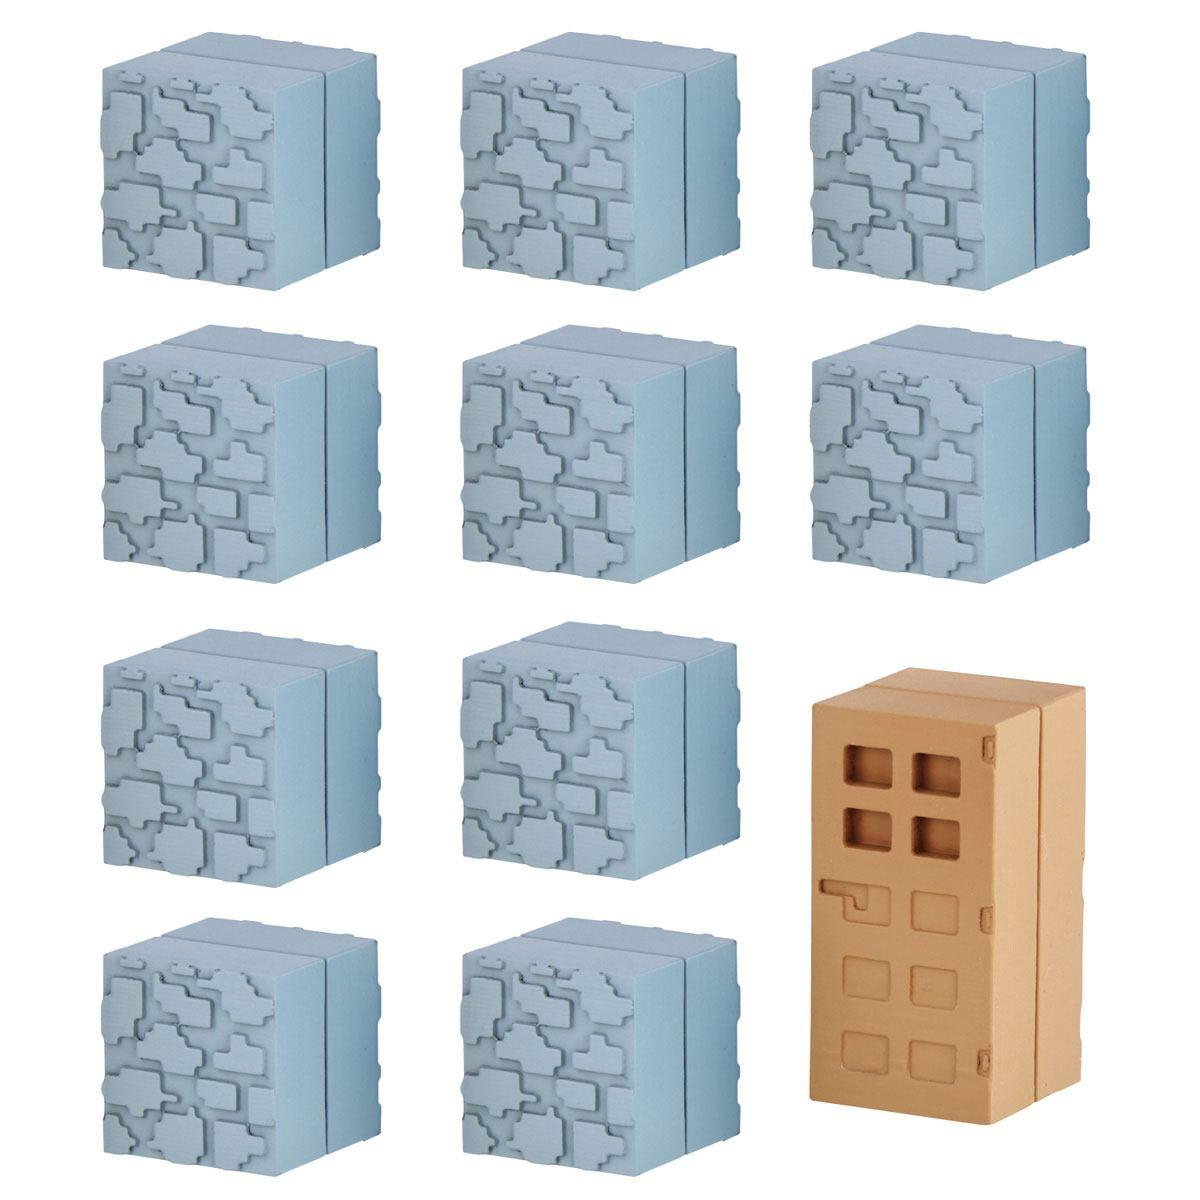 Minecraft Mine-Keshi Figures 2- 4 cm Block Set Cobblestone & Wooden Door